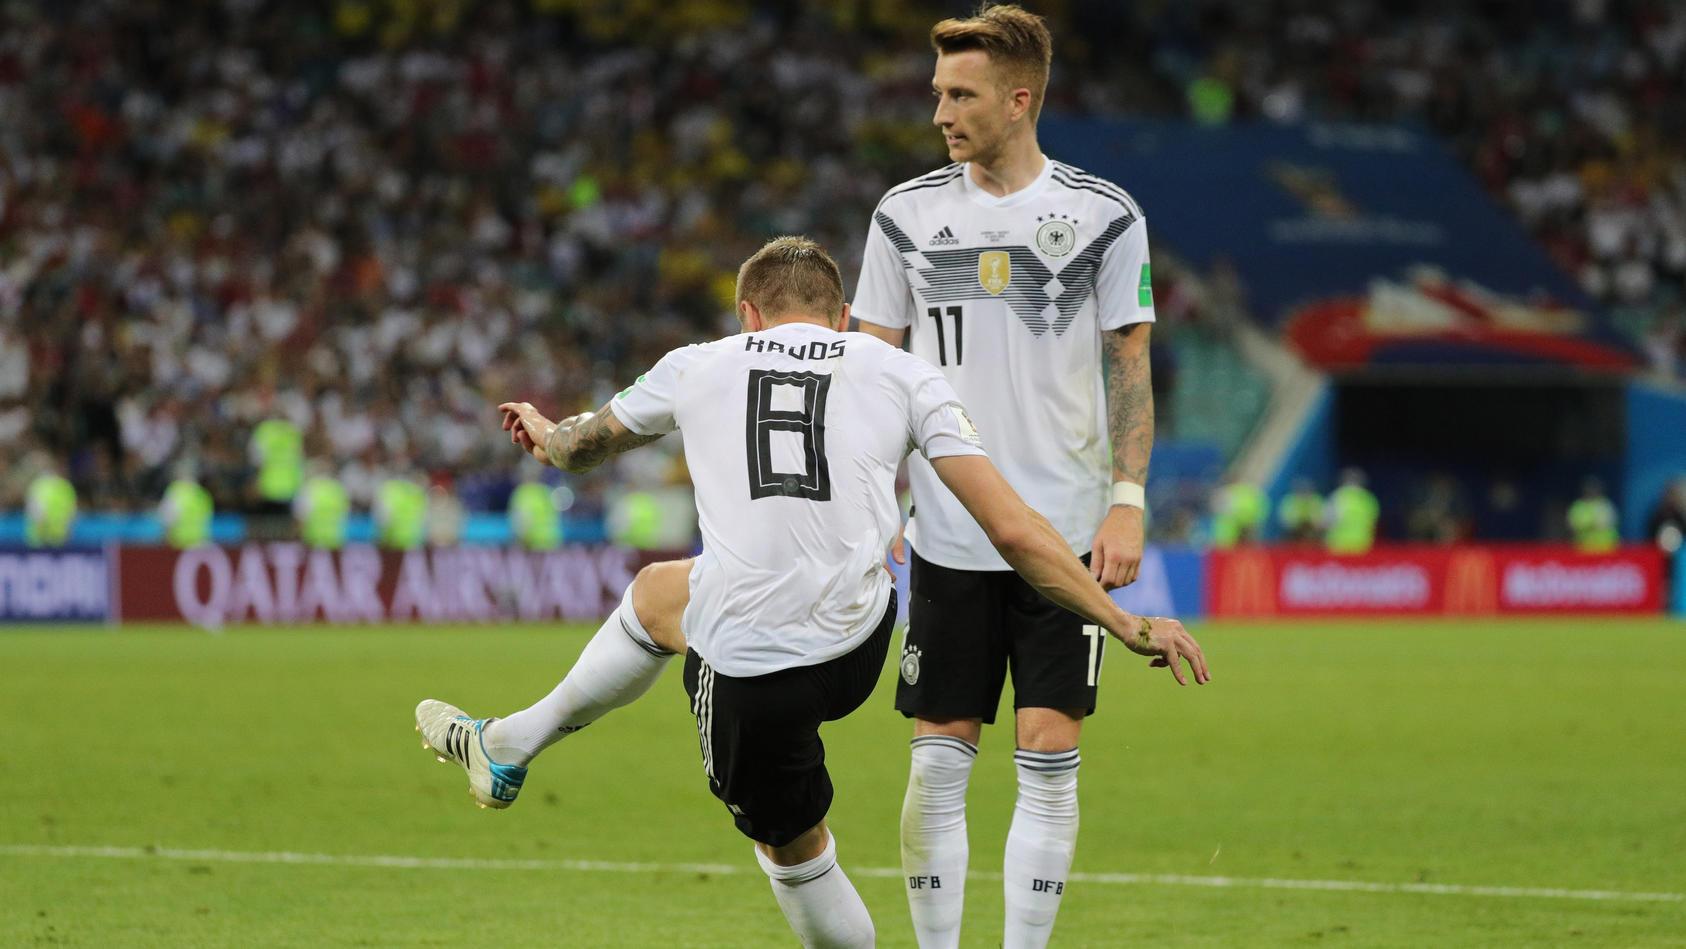 Der entscheidende Moment: Toni Kroos zirkelt den Ball zum deutschen Sieg.